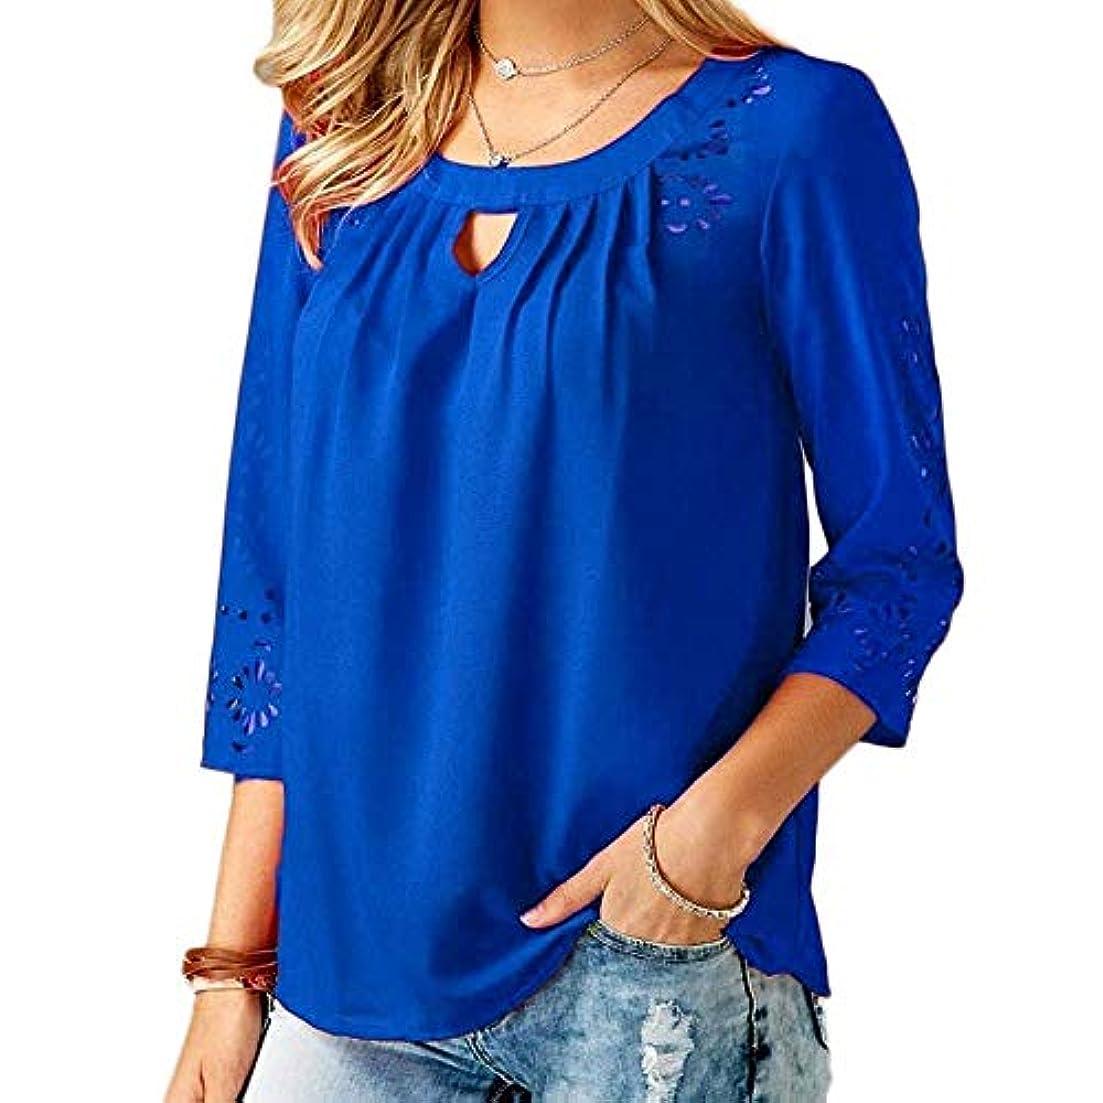 苦しみマイル裁定MIFAN ゆったりTシャツ、シフォンシャツ、カジュアルシャツ、女性トップ、プラスサイズトップ